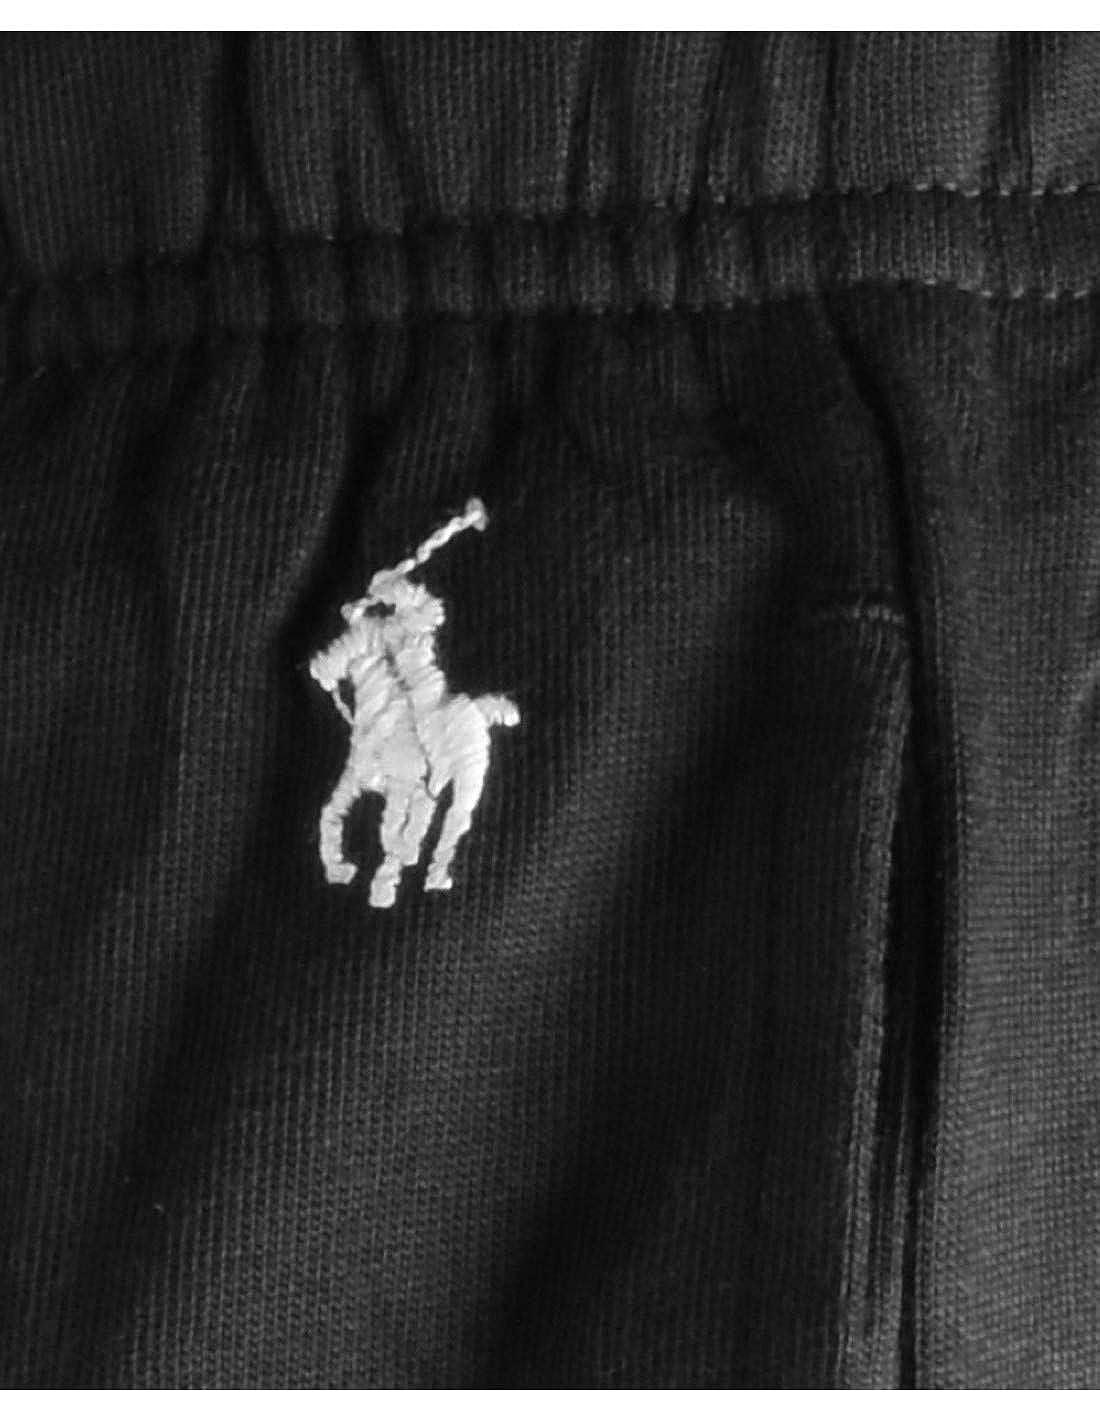 Nero S Polo Bermuda-Short Sleep Nero p Ralph Lauren